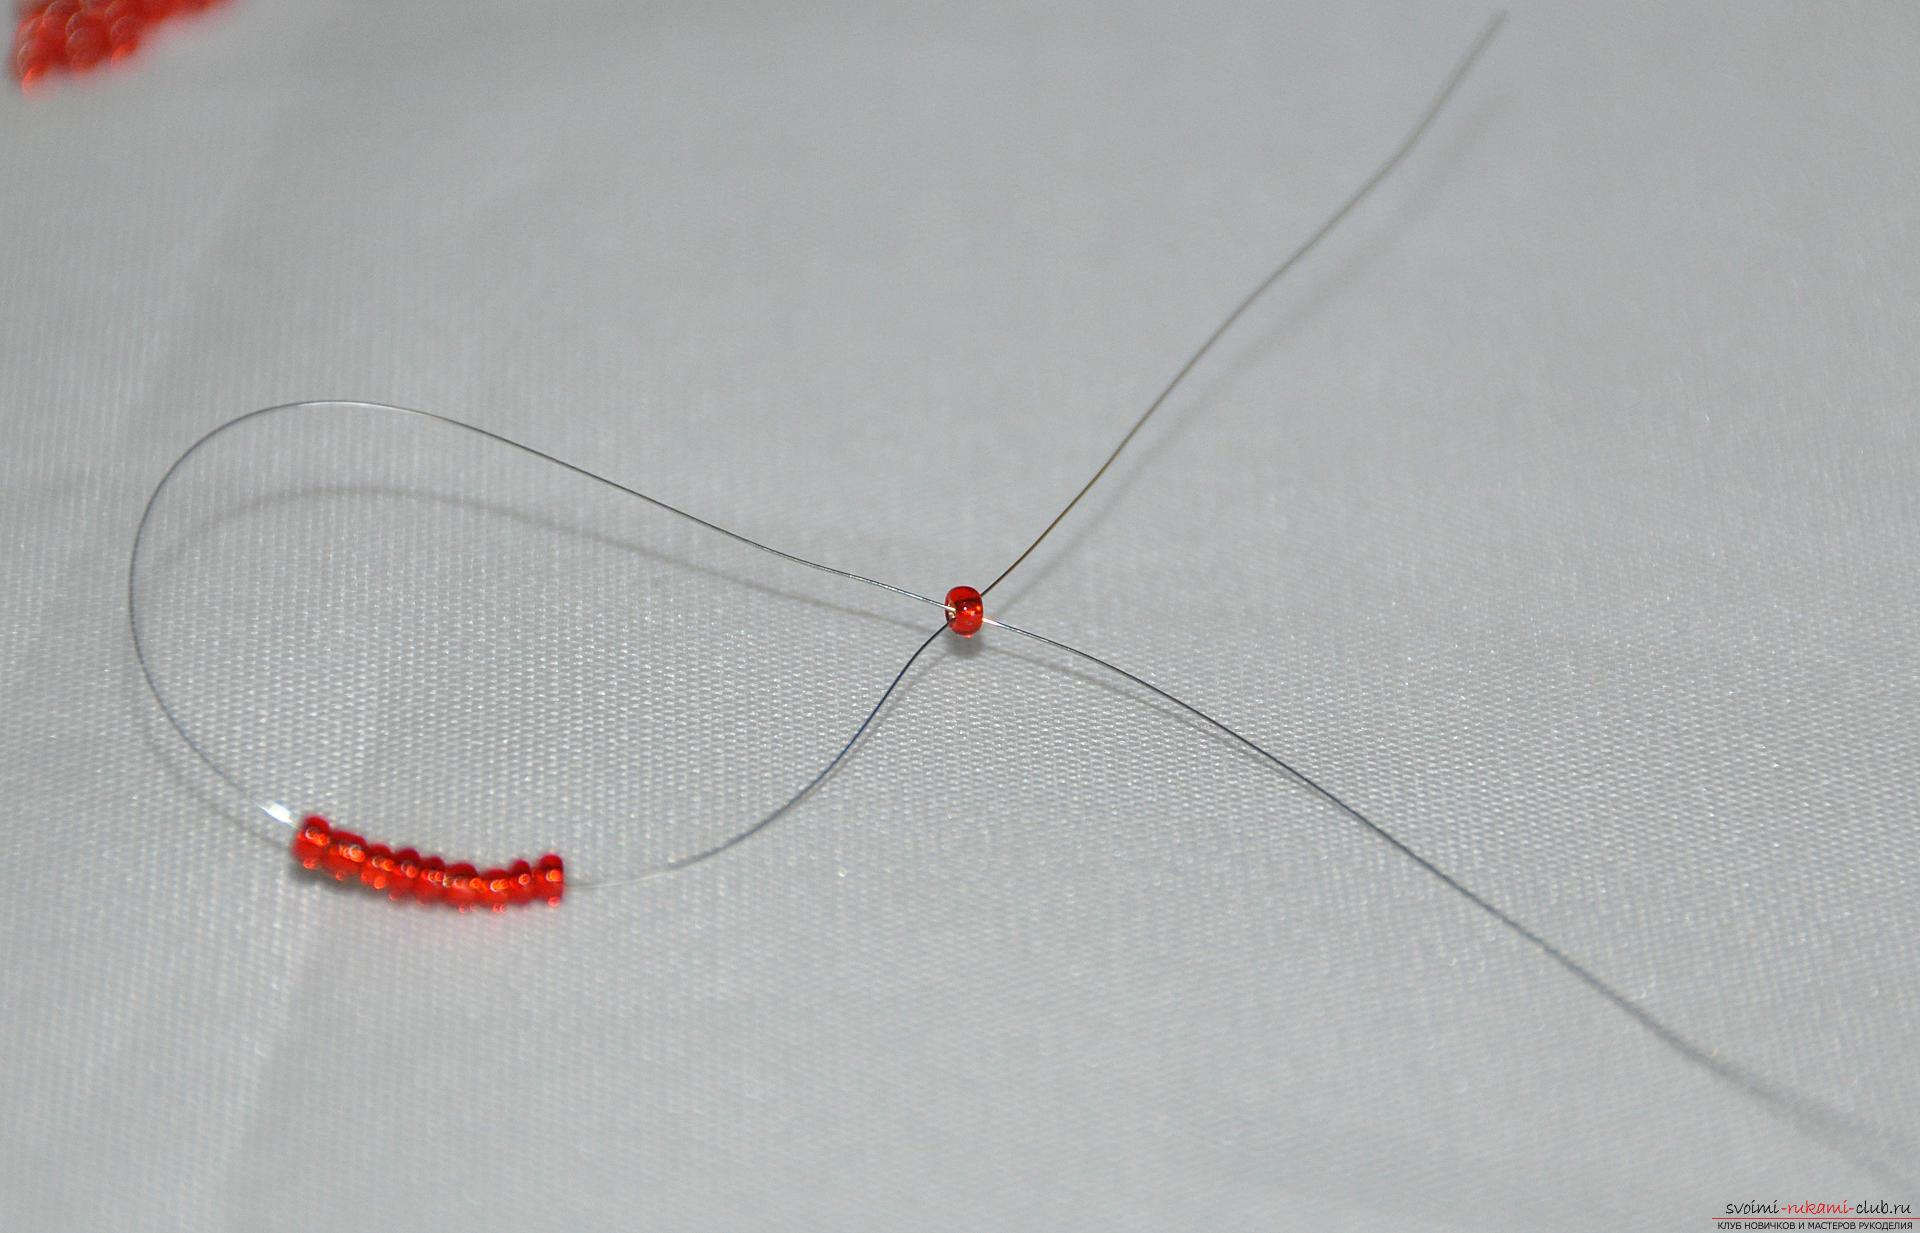 Этот подробный бисер мастер-класс научит плетению из бисера веточки земляники.. Фото №4